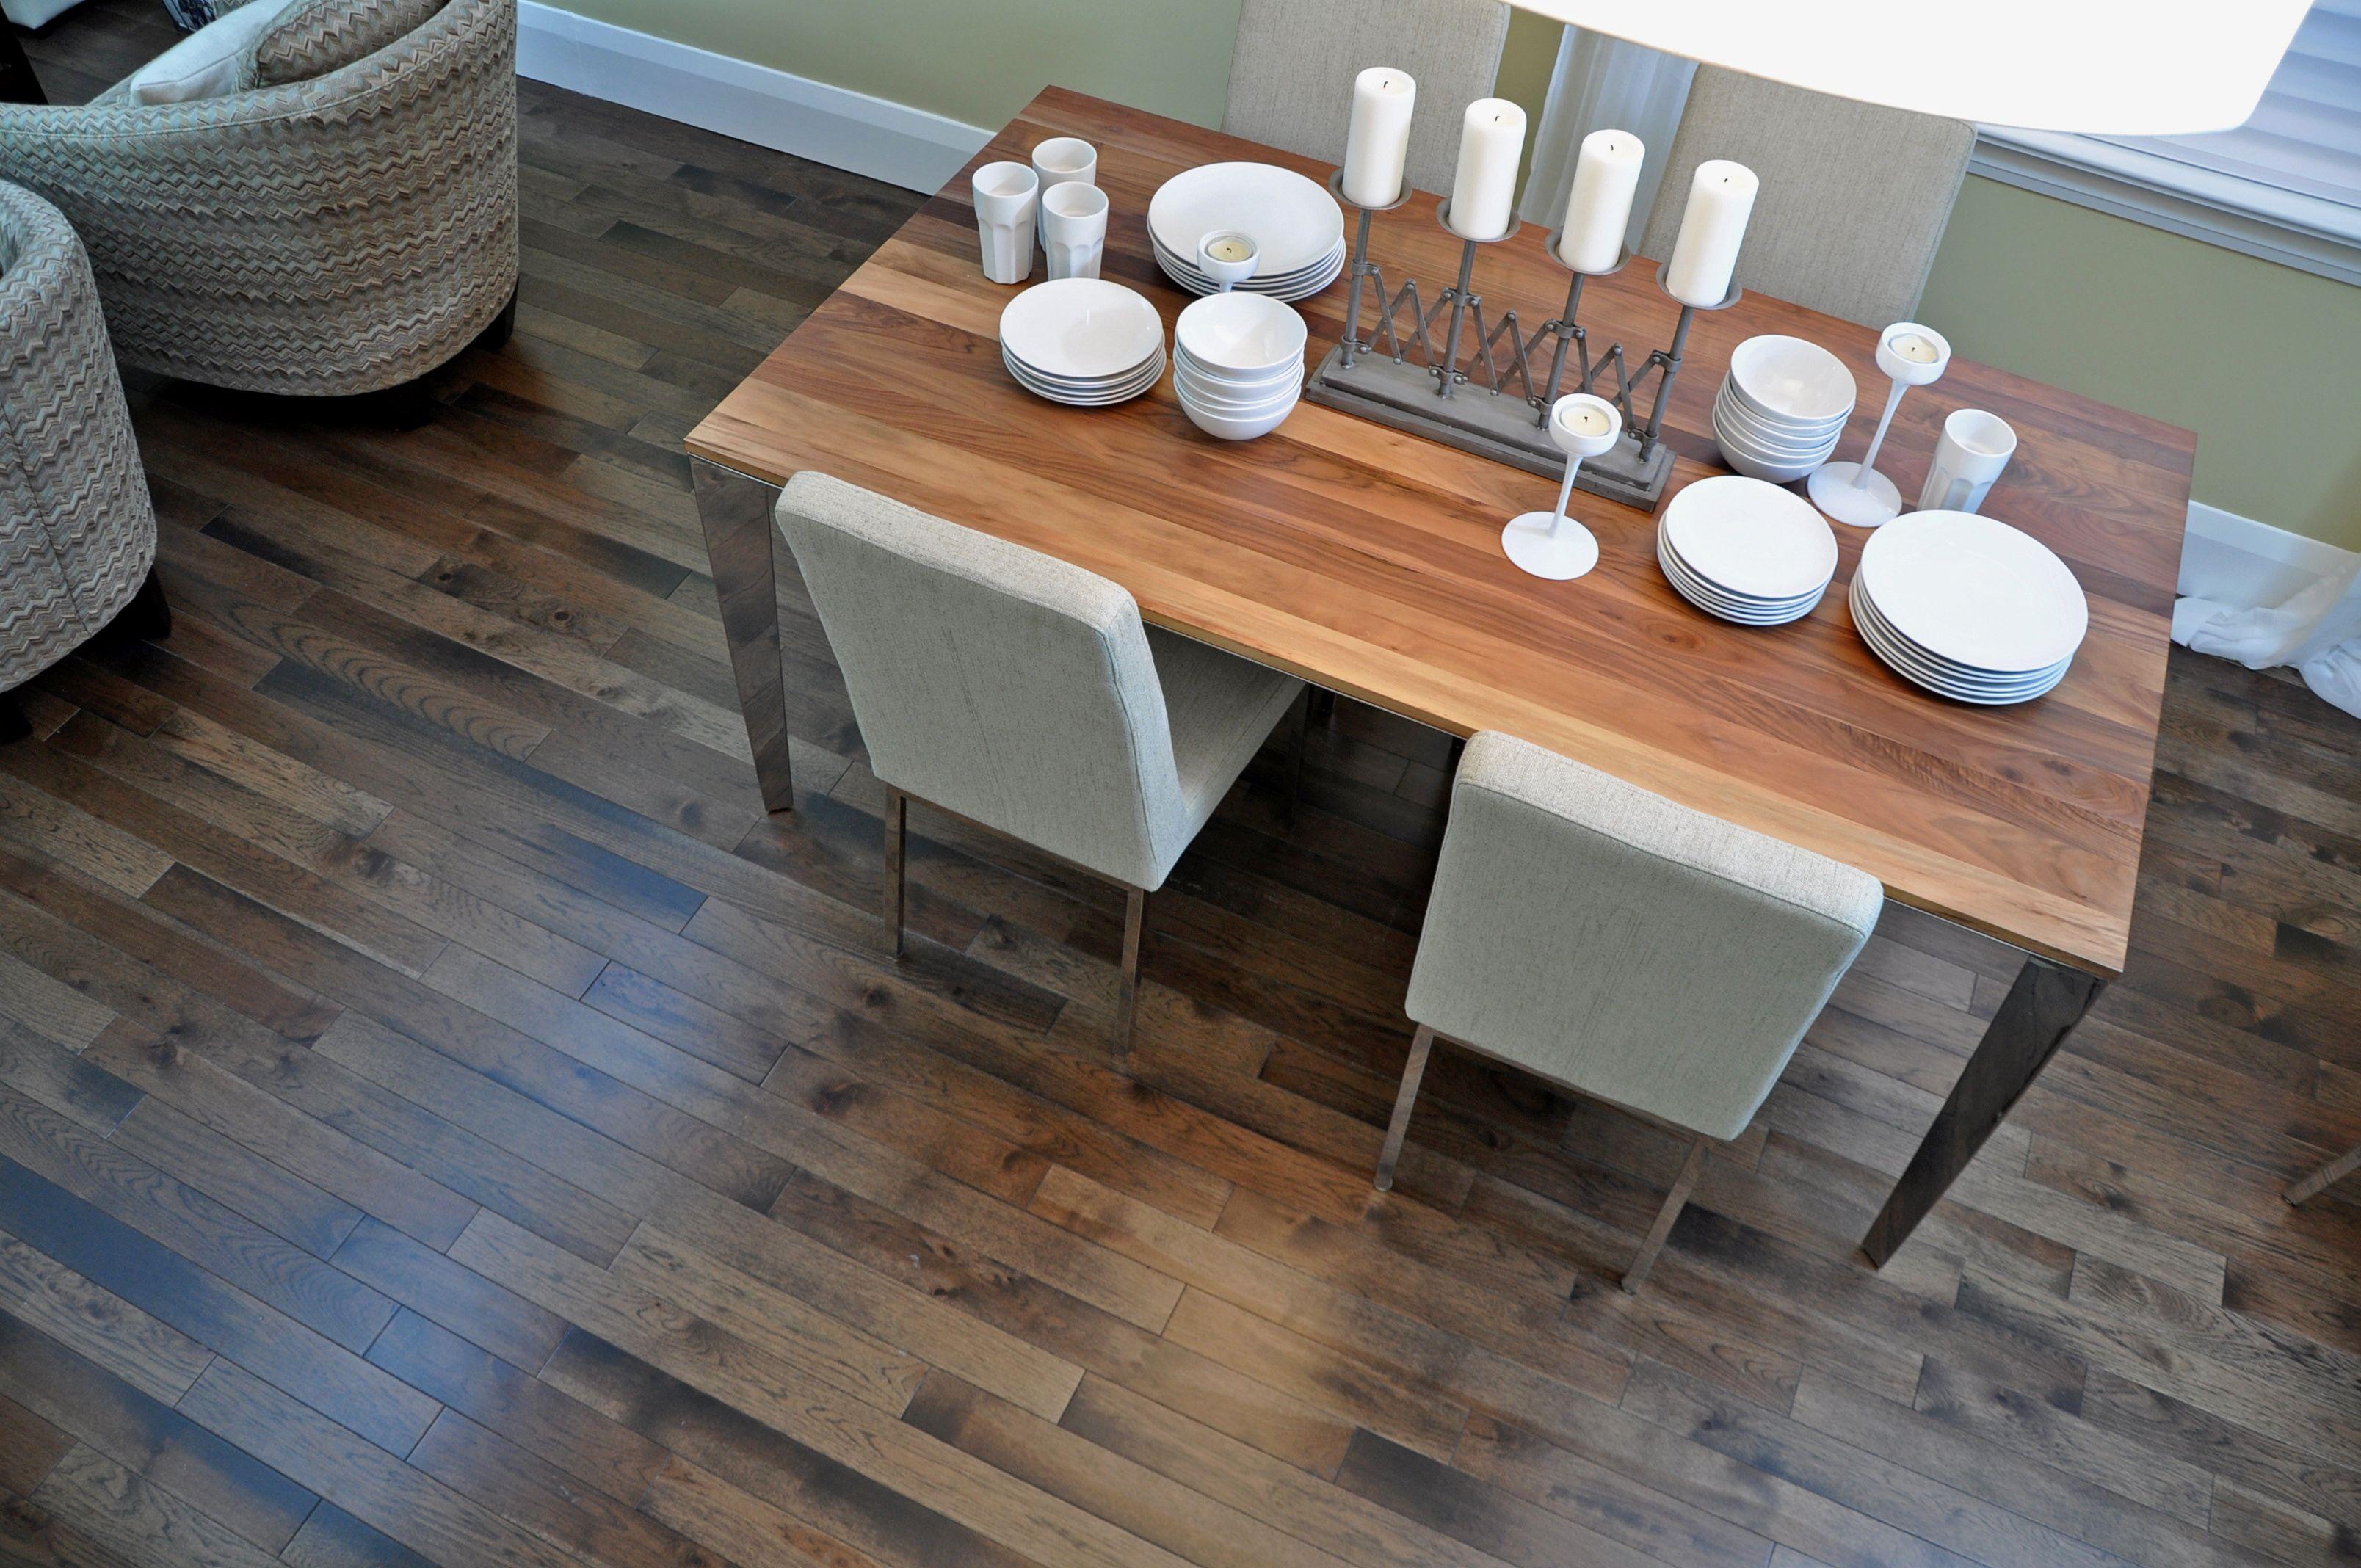 Hardwood Floor Color From Mercier Wood Flooring With Images Hickory Flooring Mercier Wood Flooring Flooring Inspiration